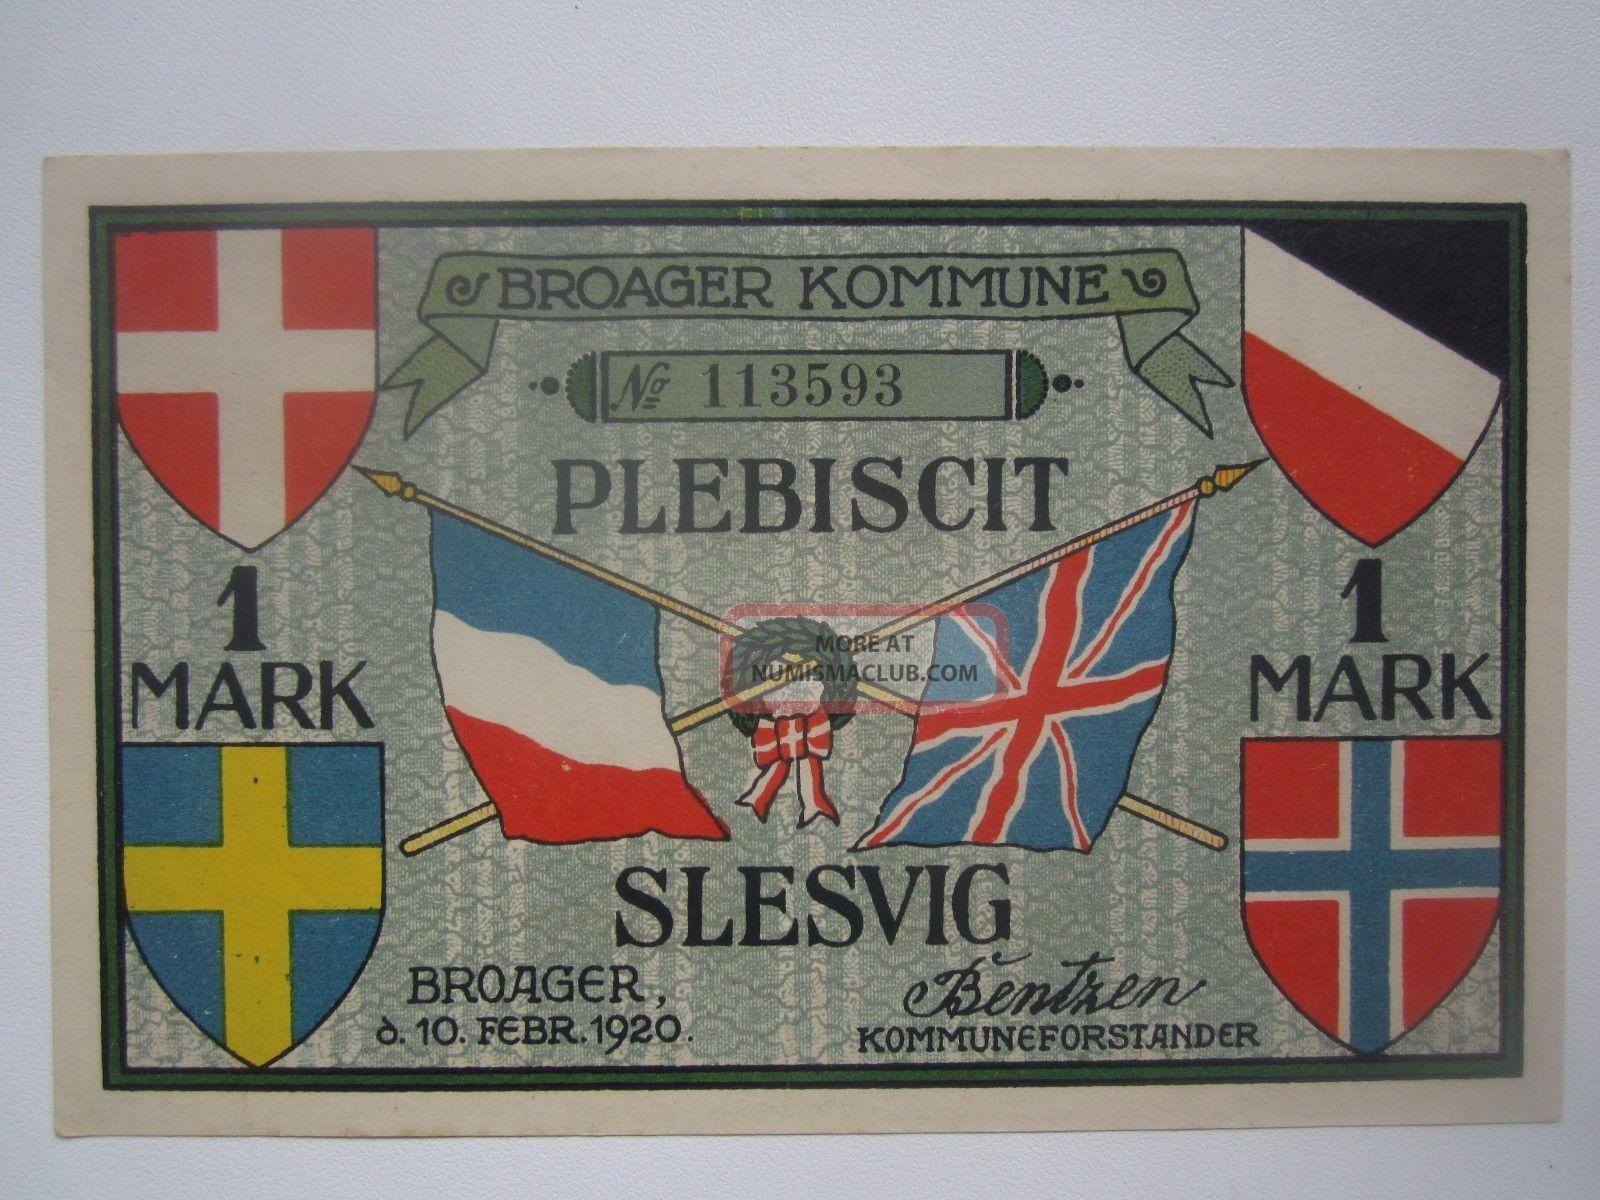 1920 Denmark Broager 1 Mark Plebiscit Europe photo